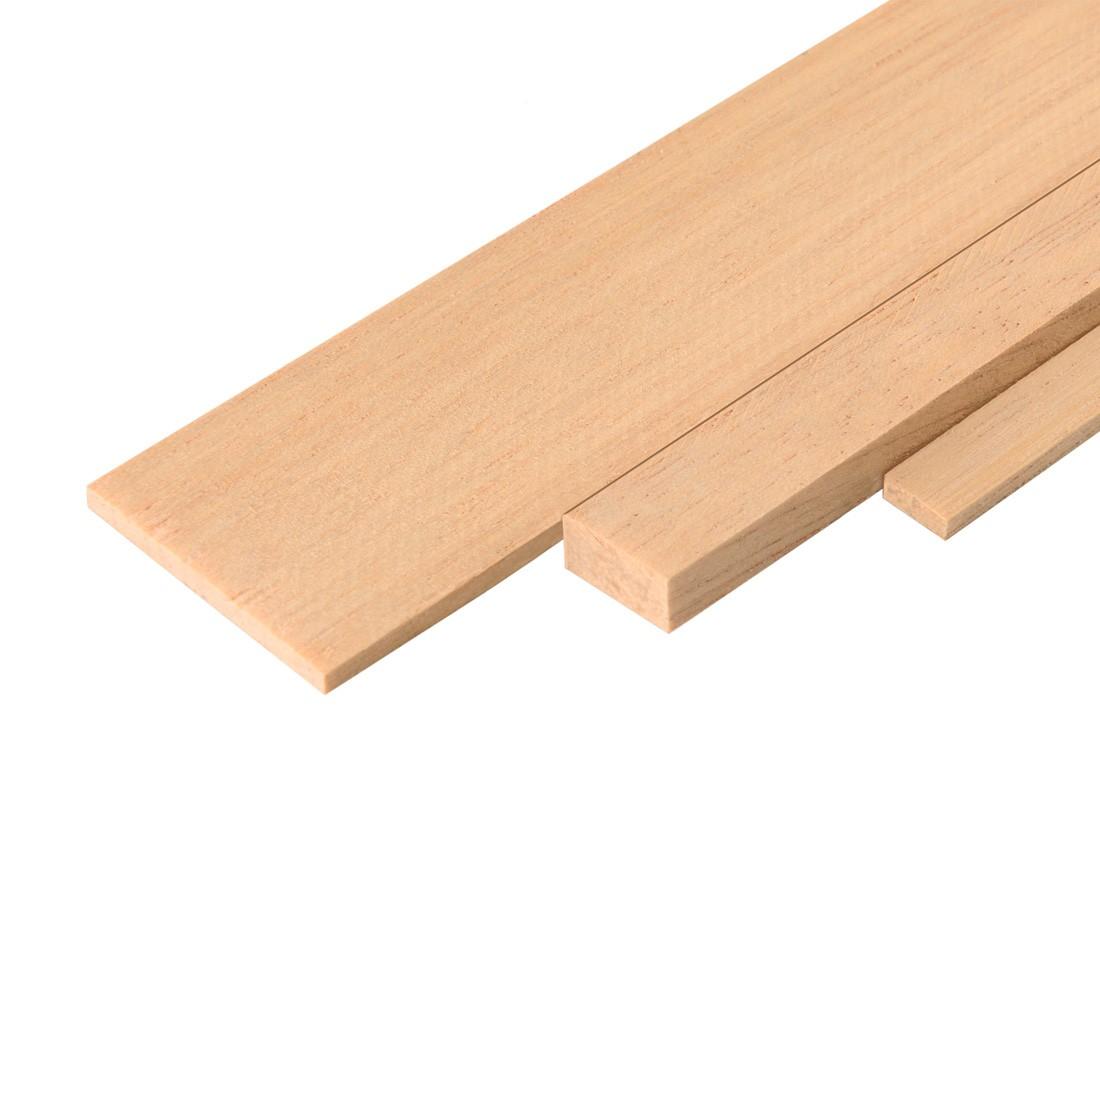 Tira de madera ramin mm.2x4